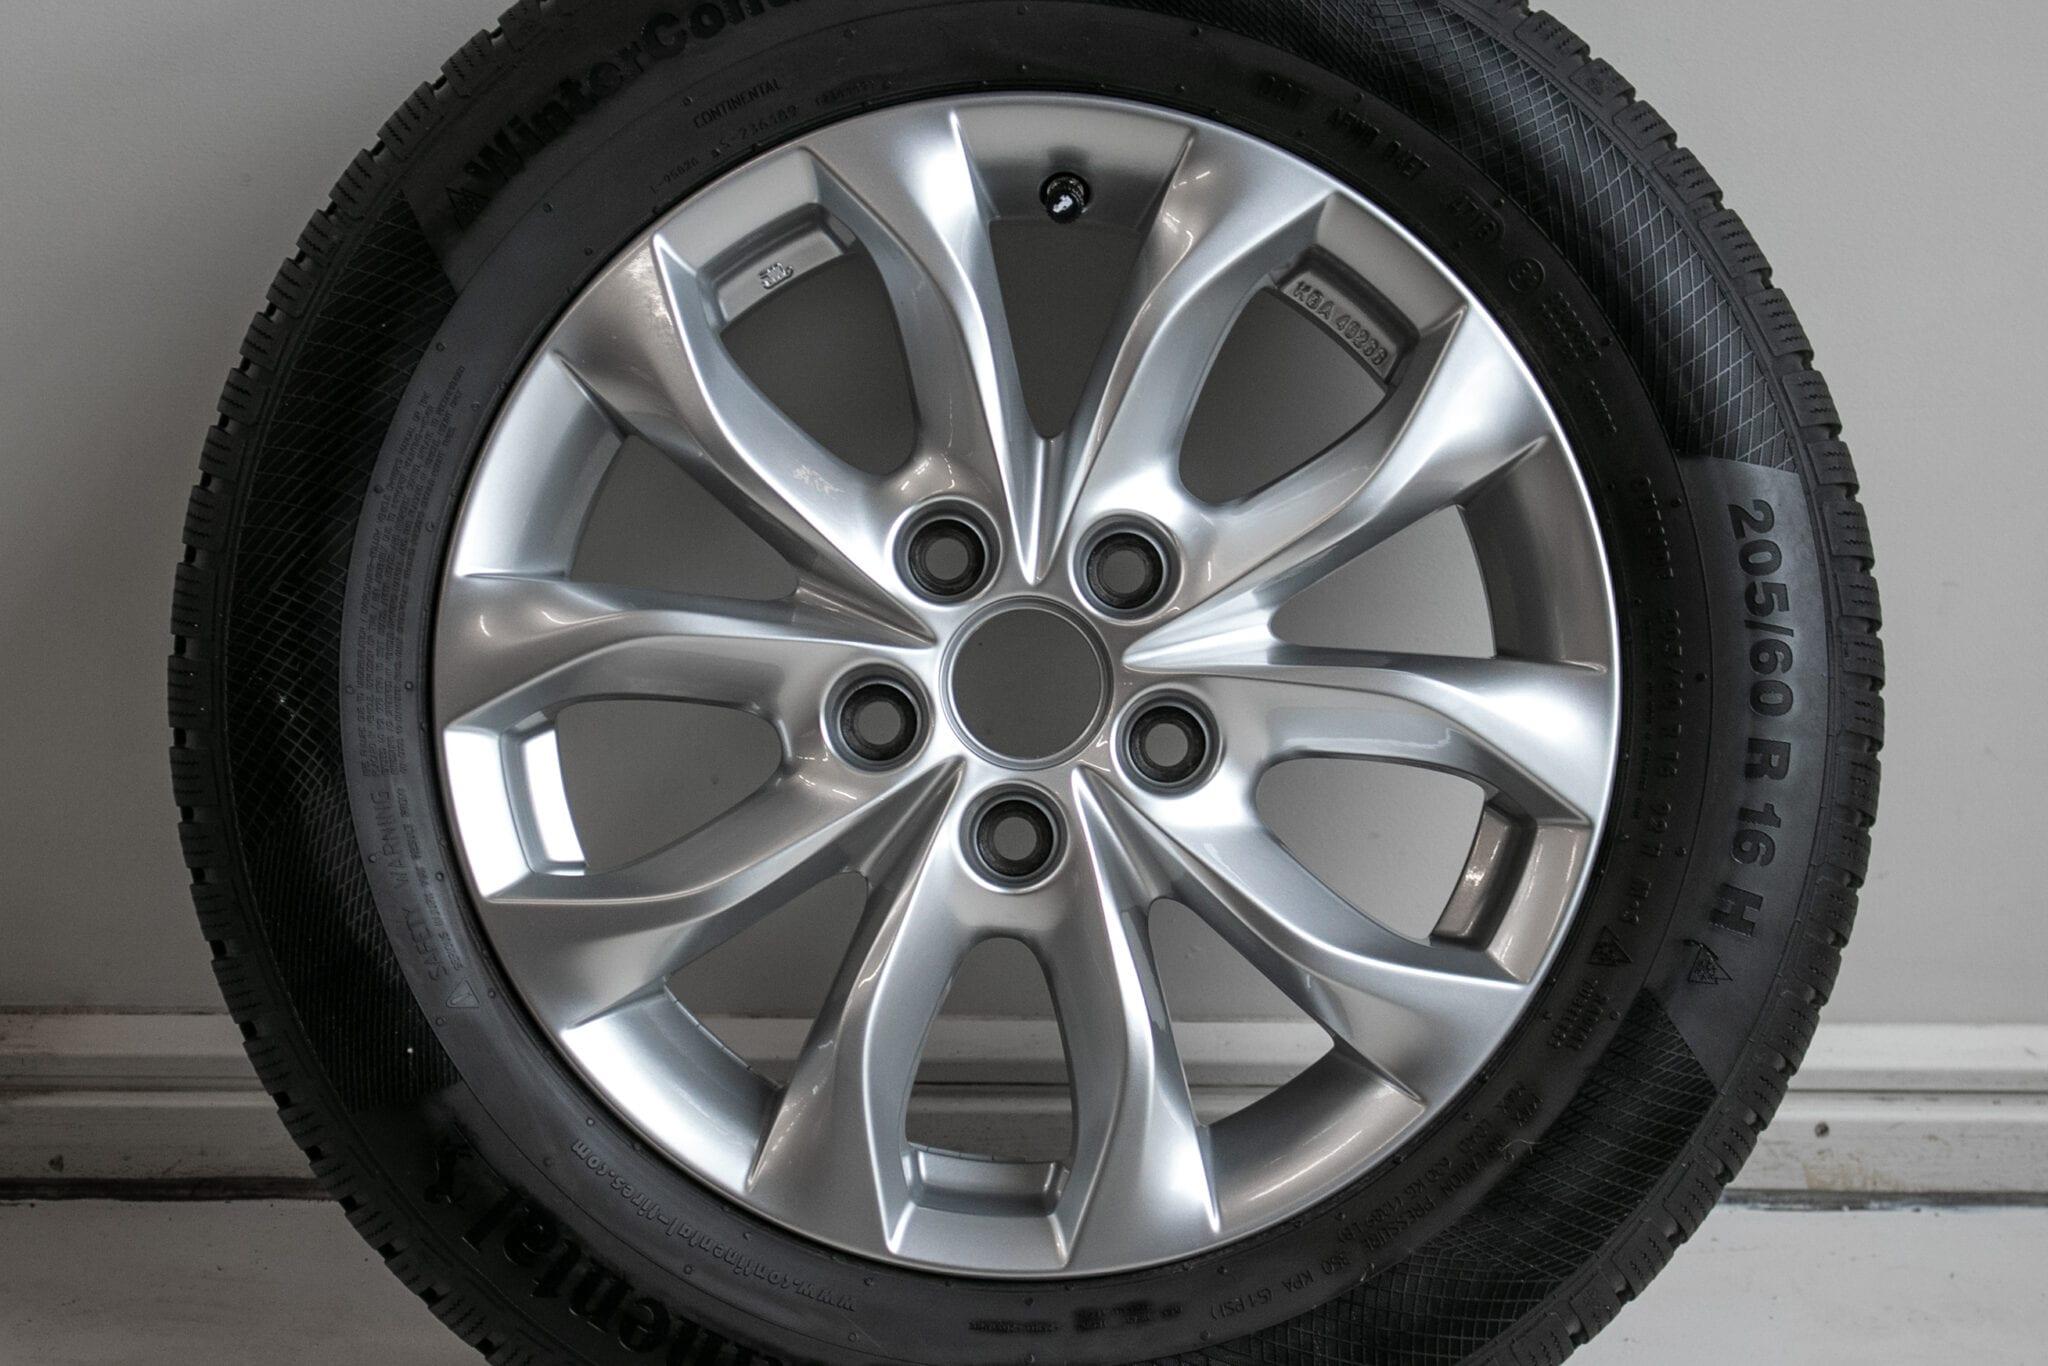 """16"""" Winterwielen voor o.a. een Mazda 3  €399,- Gebruikt. Profieldiepte: 6.2mm - 6.8mm"""